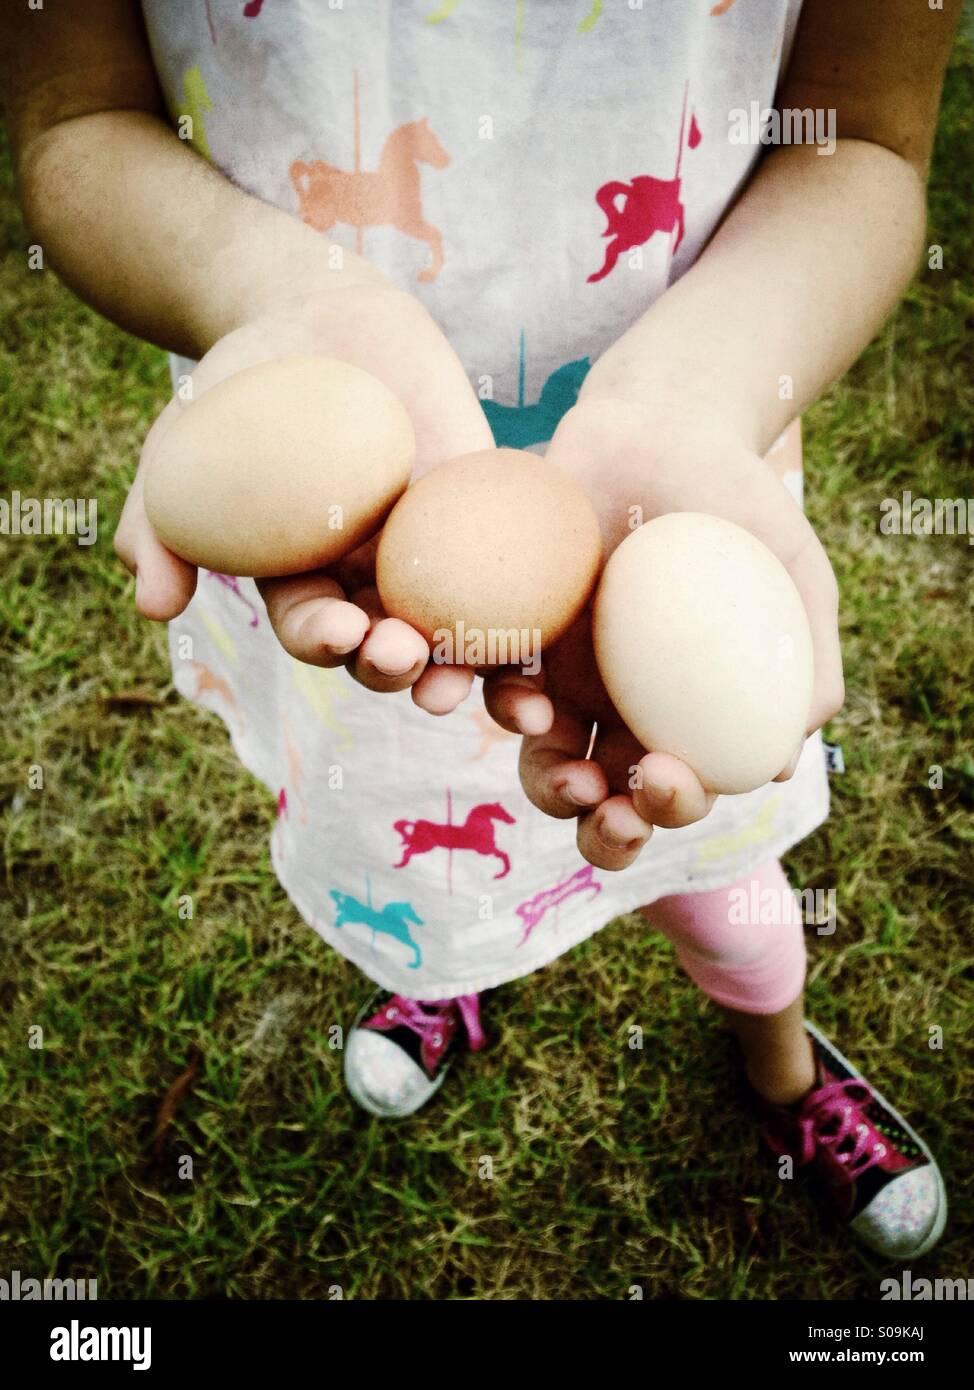 Tres huevos frescos en las manos de una niña Imagen De Stock